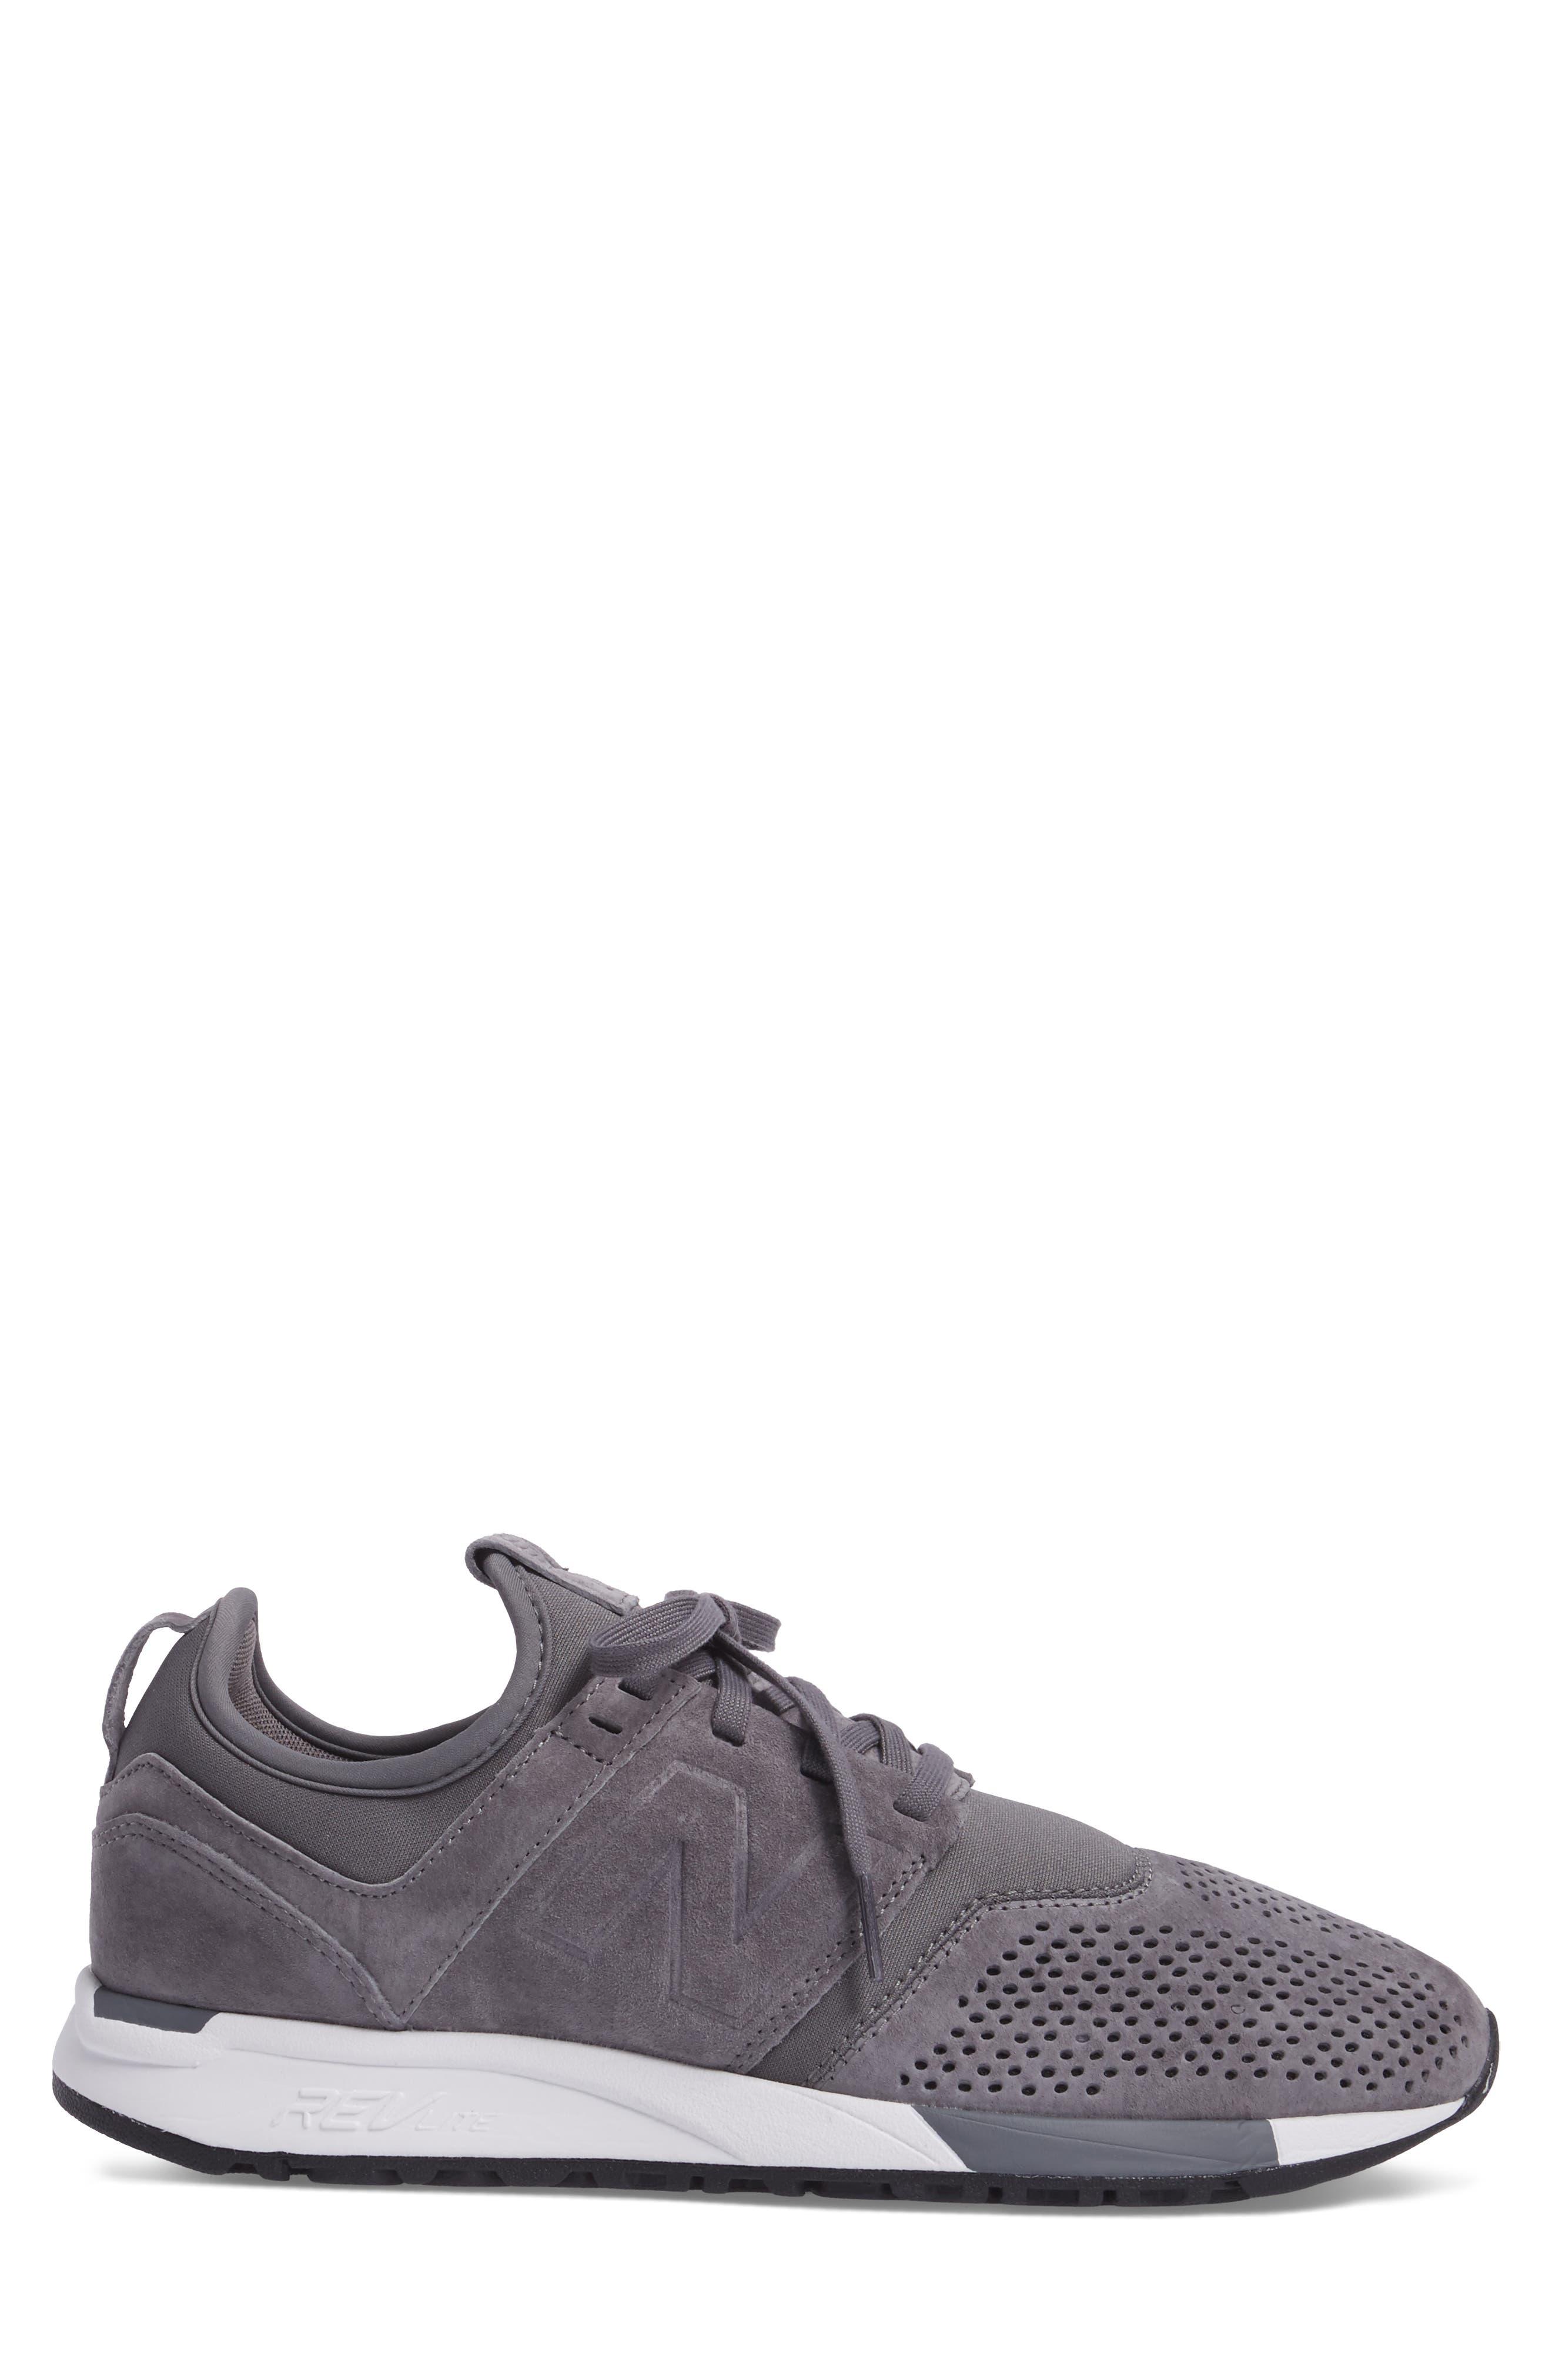 247 Sneaker,                             Alternate thumbnail 5, color,